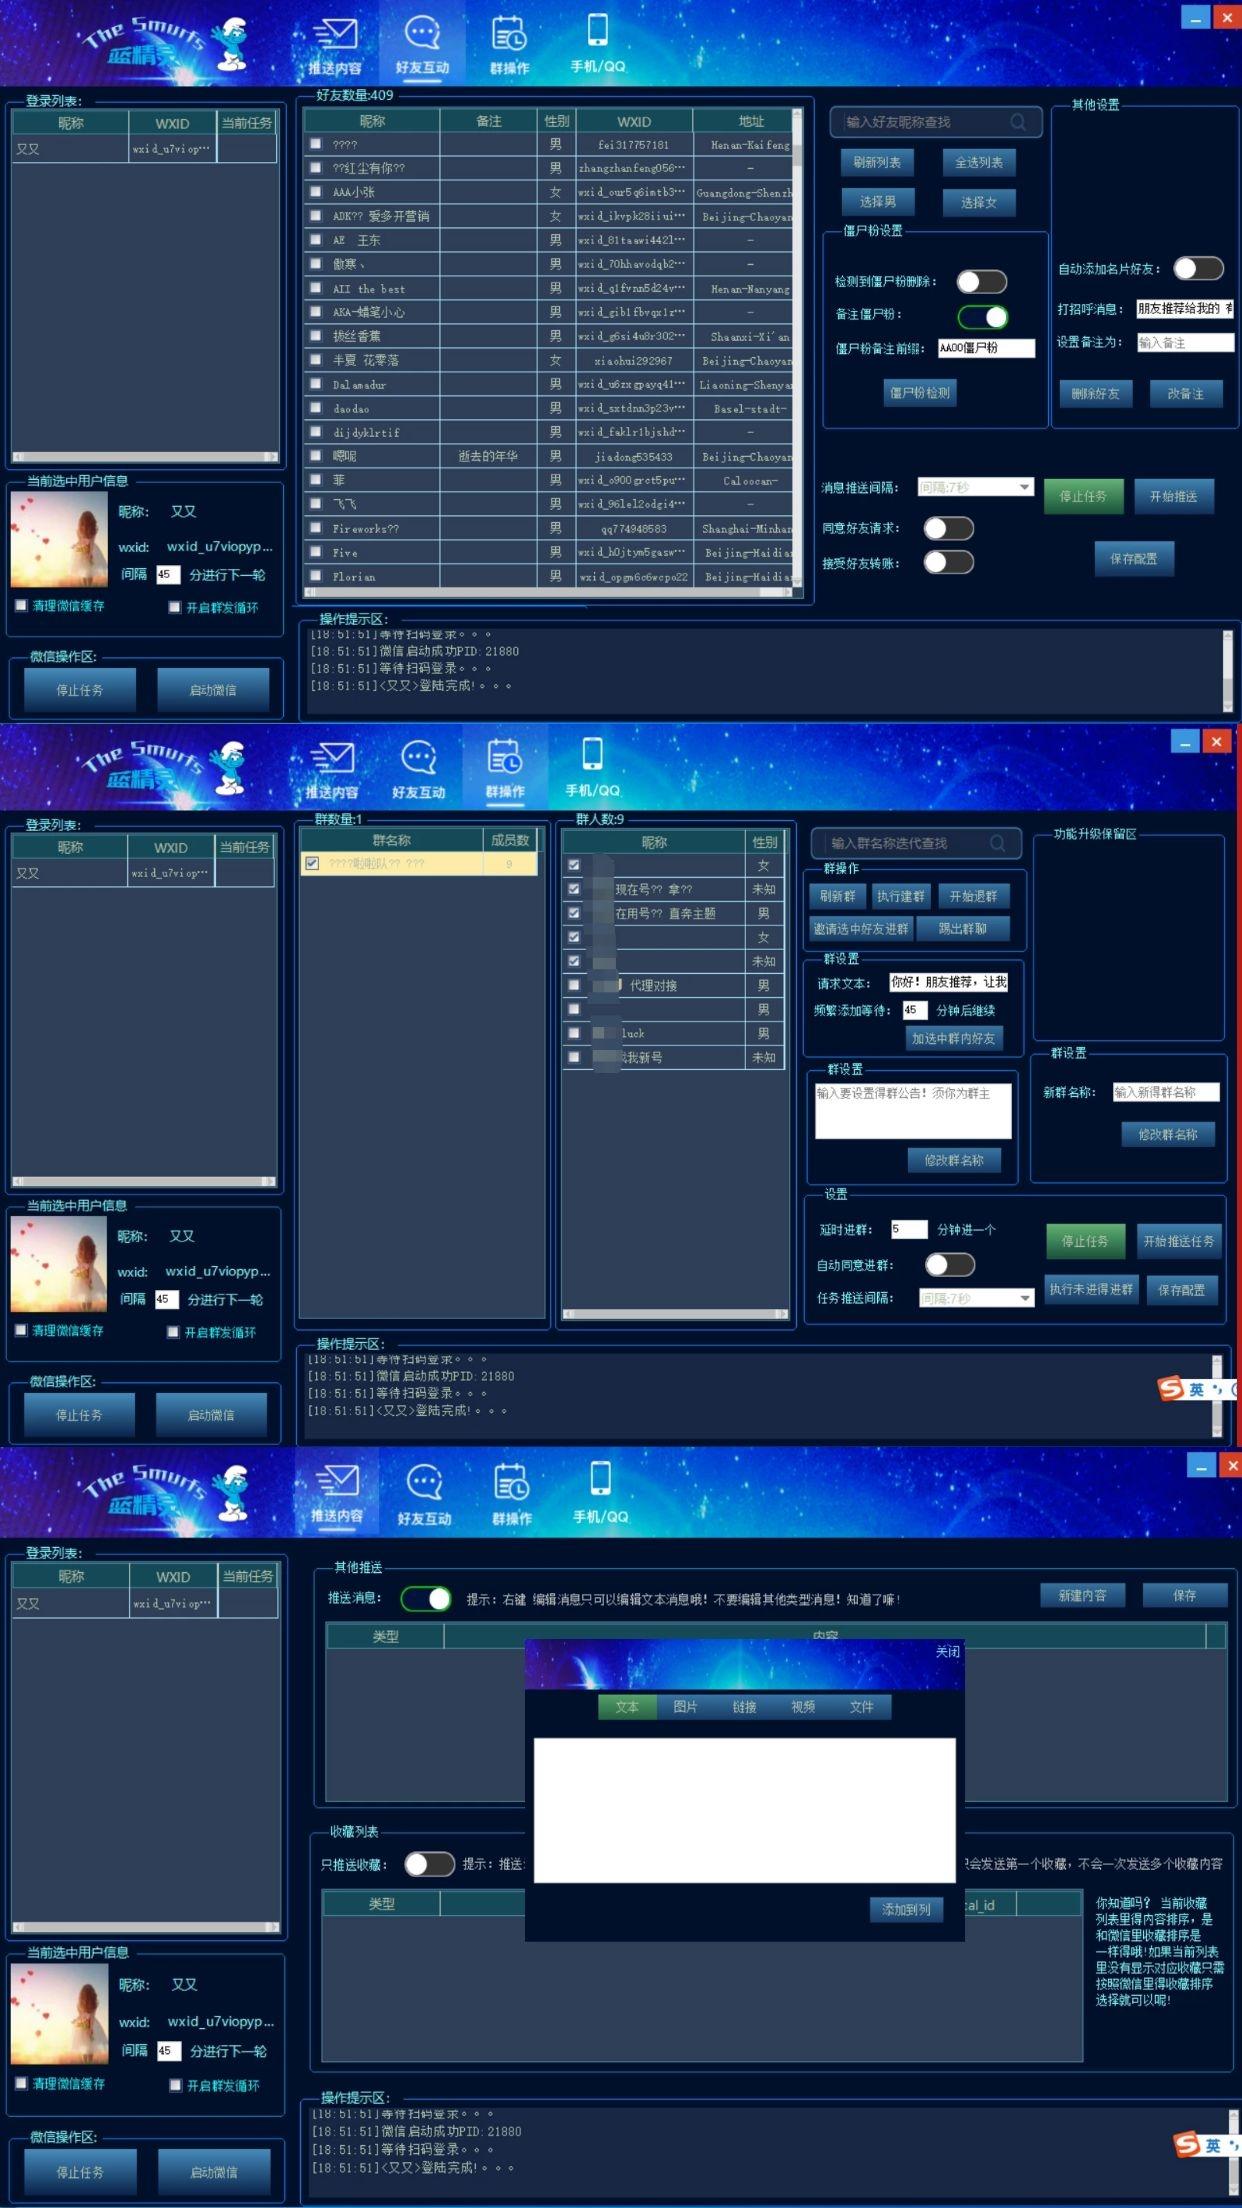 【蓝精灵极速版】高端电脑版群发加人手机号检测开通手机号爆粉